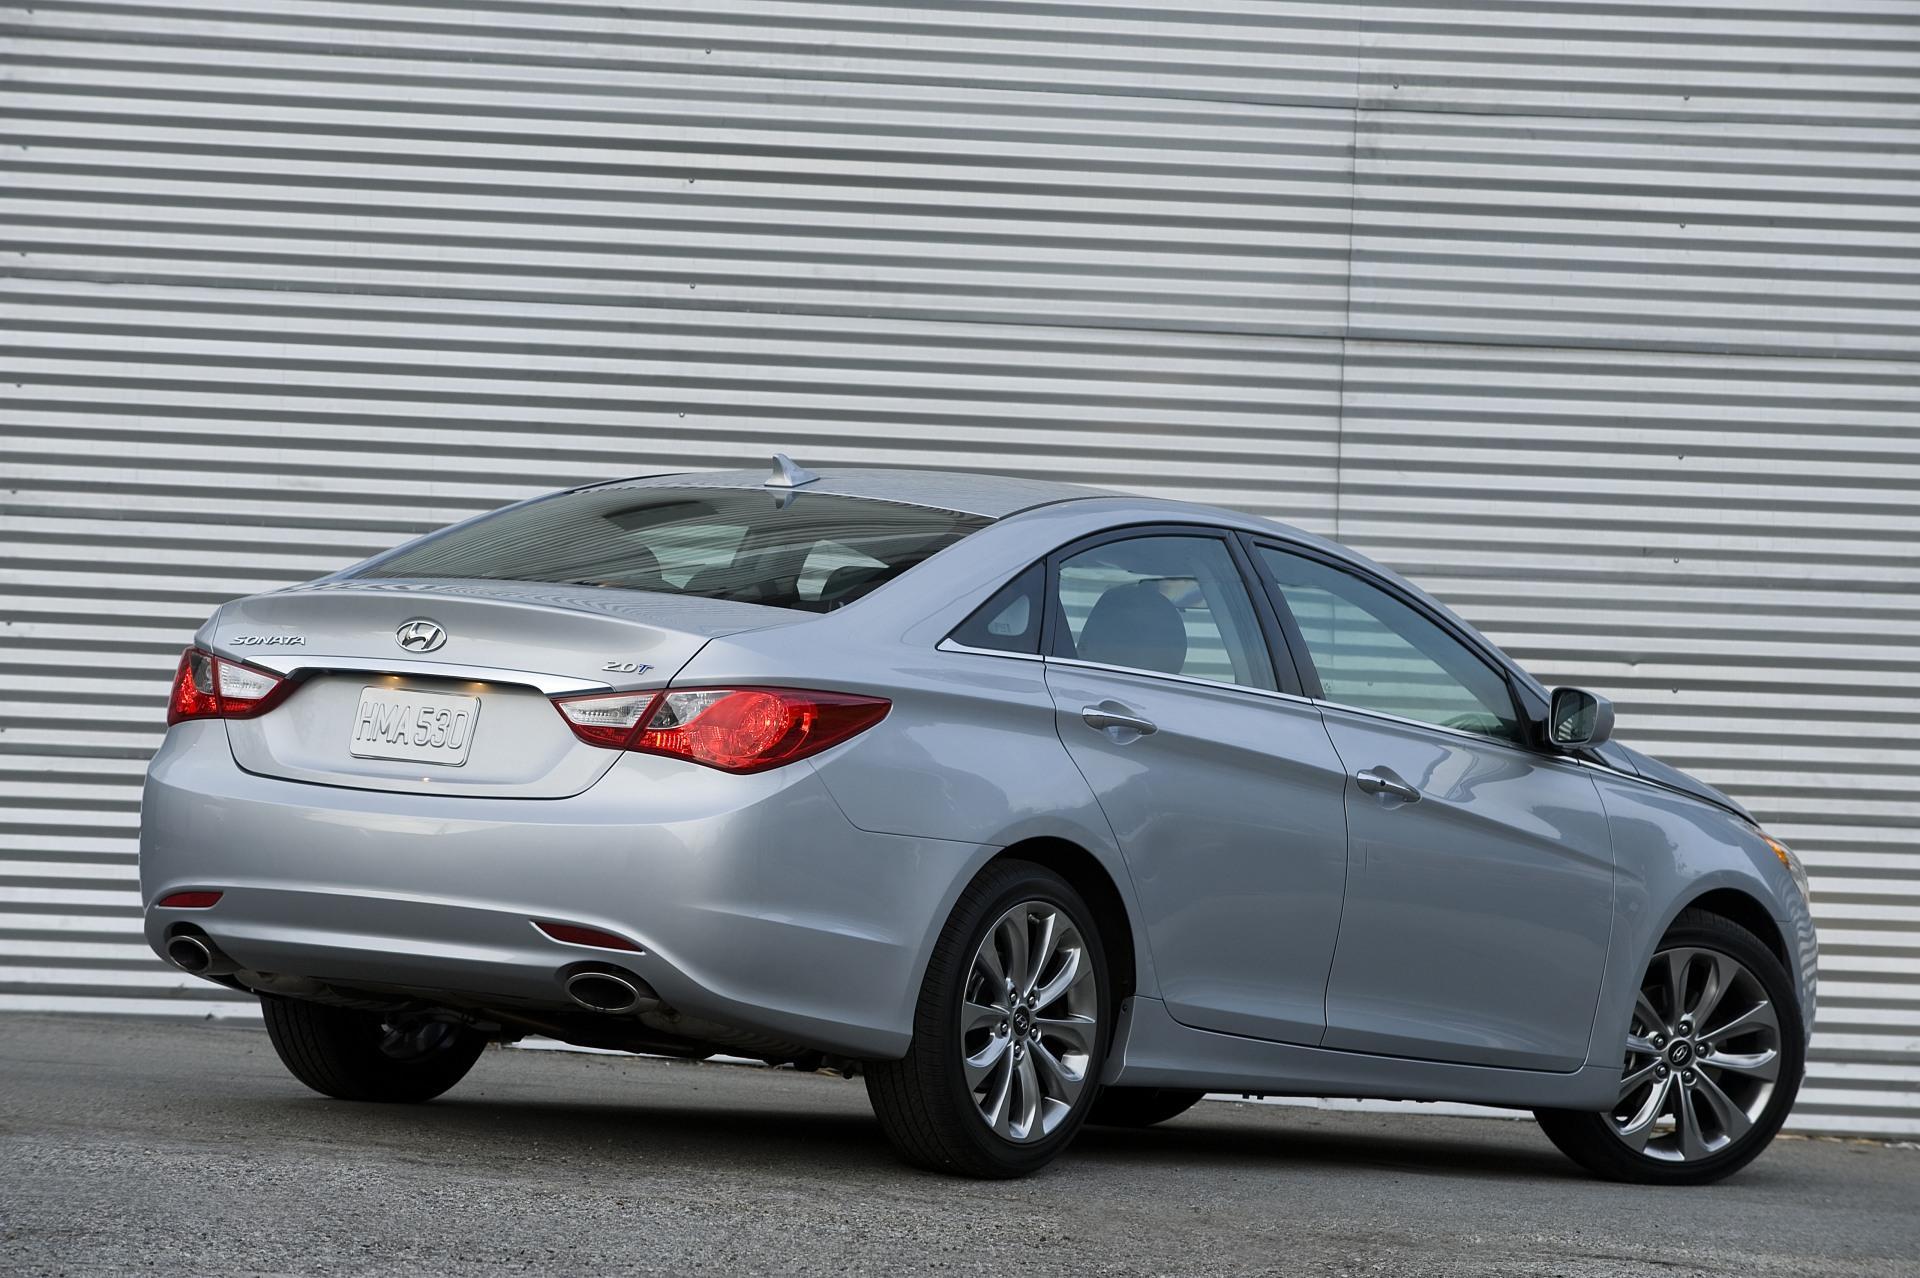 Hyundai Sonata: 3. Exhaust emission control system